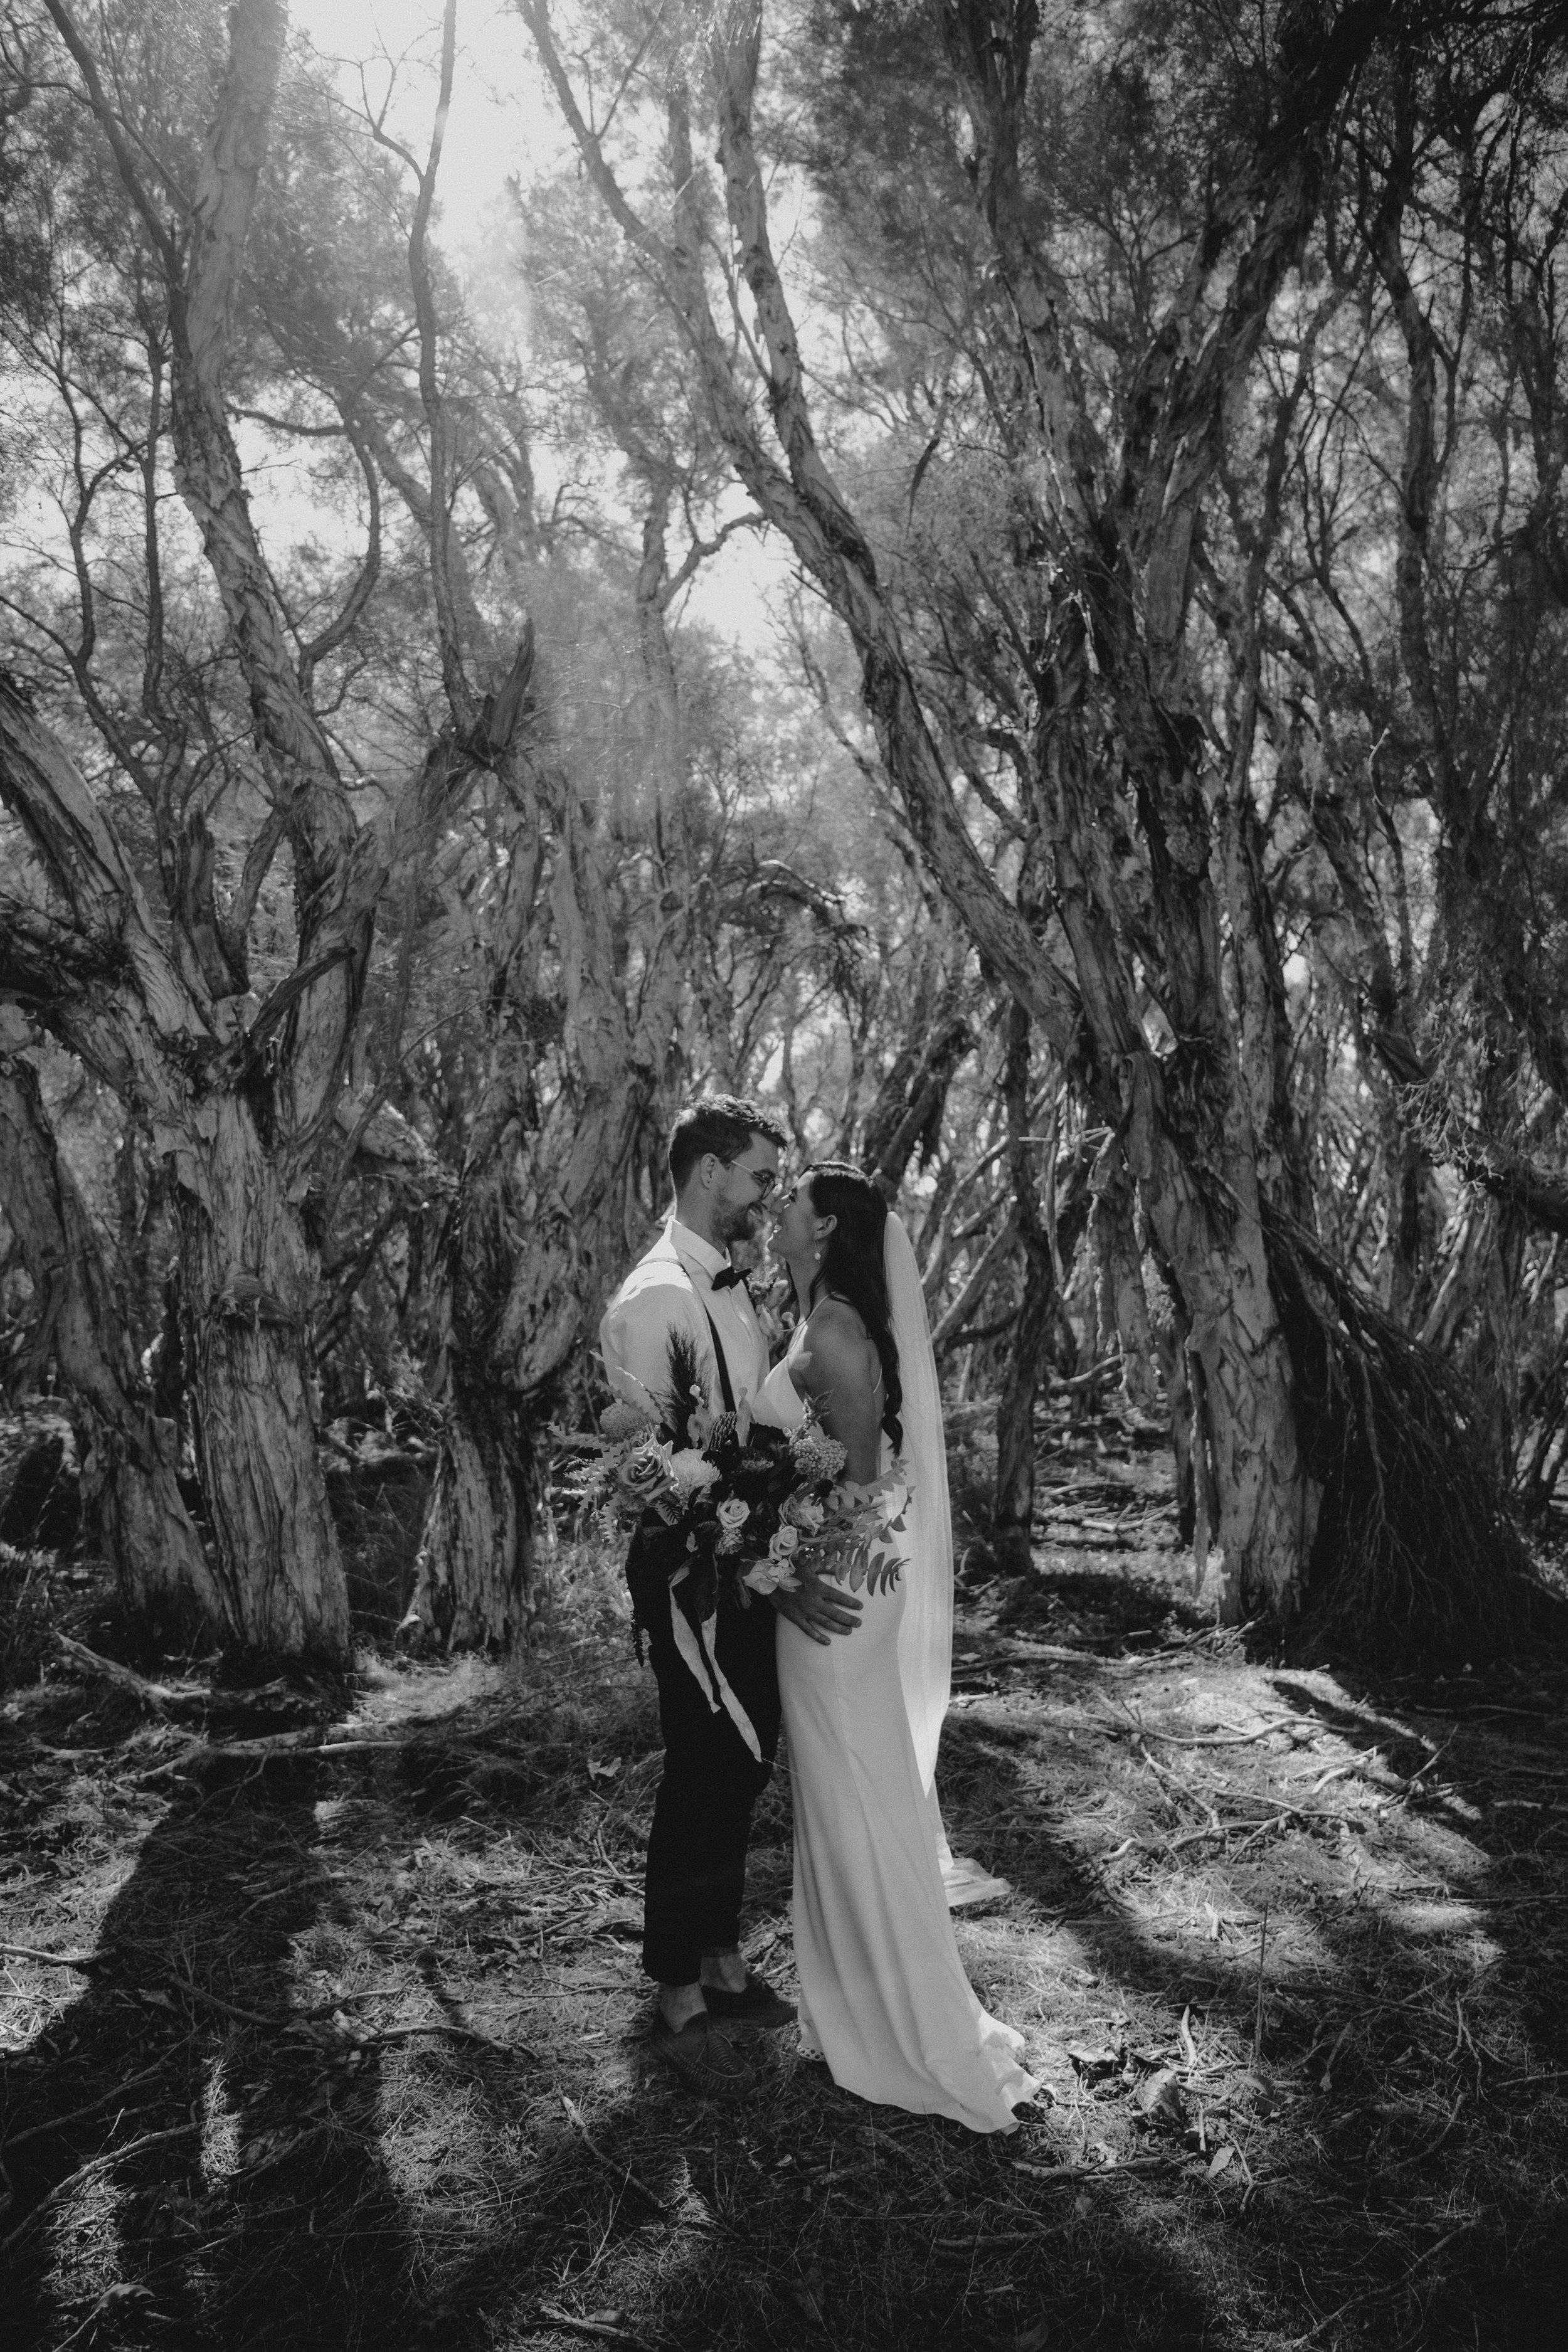 Brandon & Rianna - 20. 04. 18 / Backyard Wedding